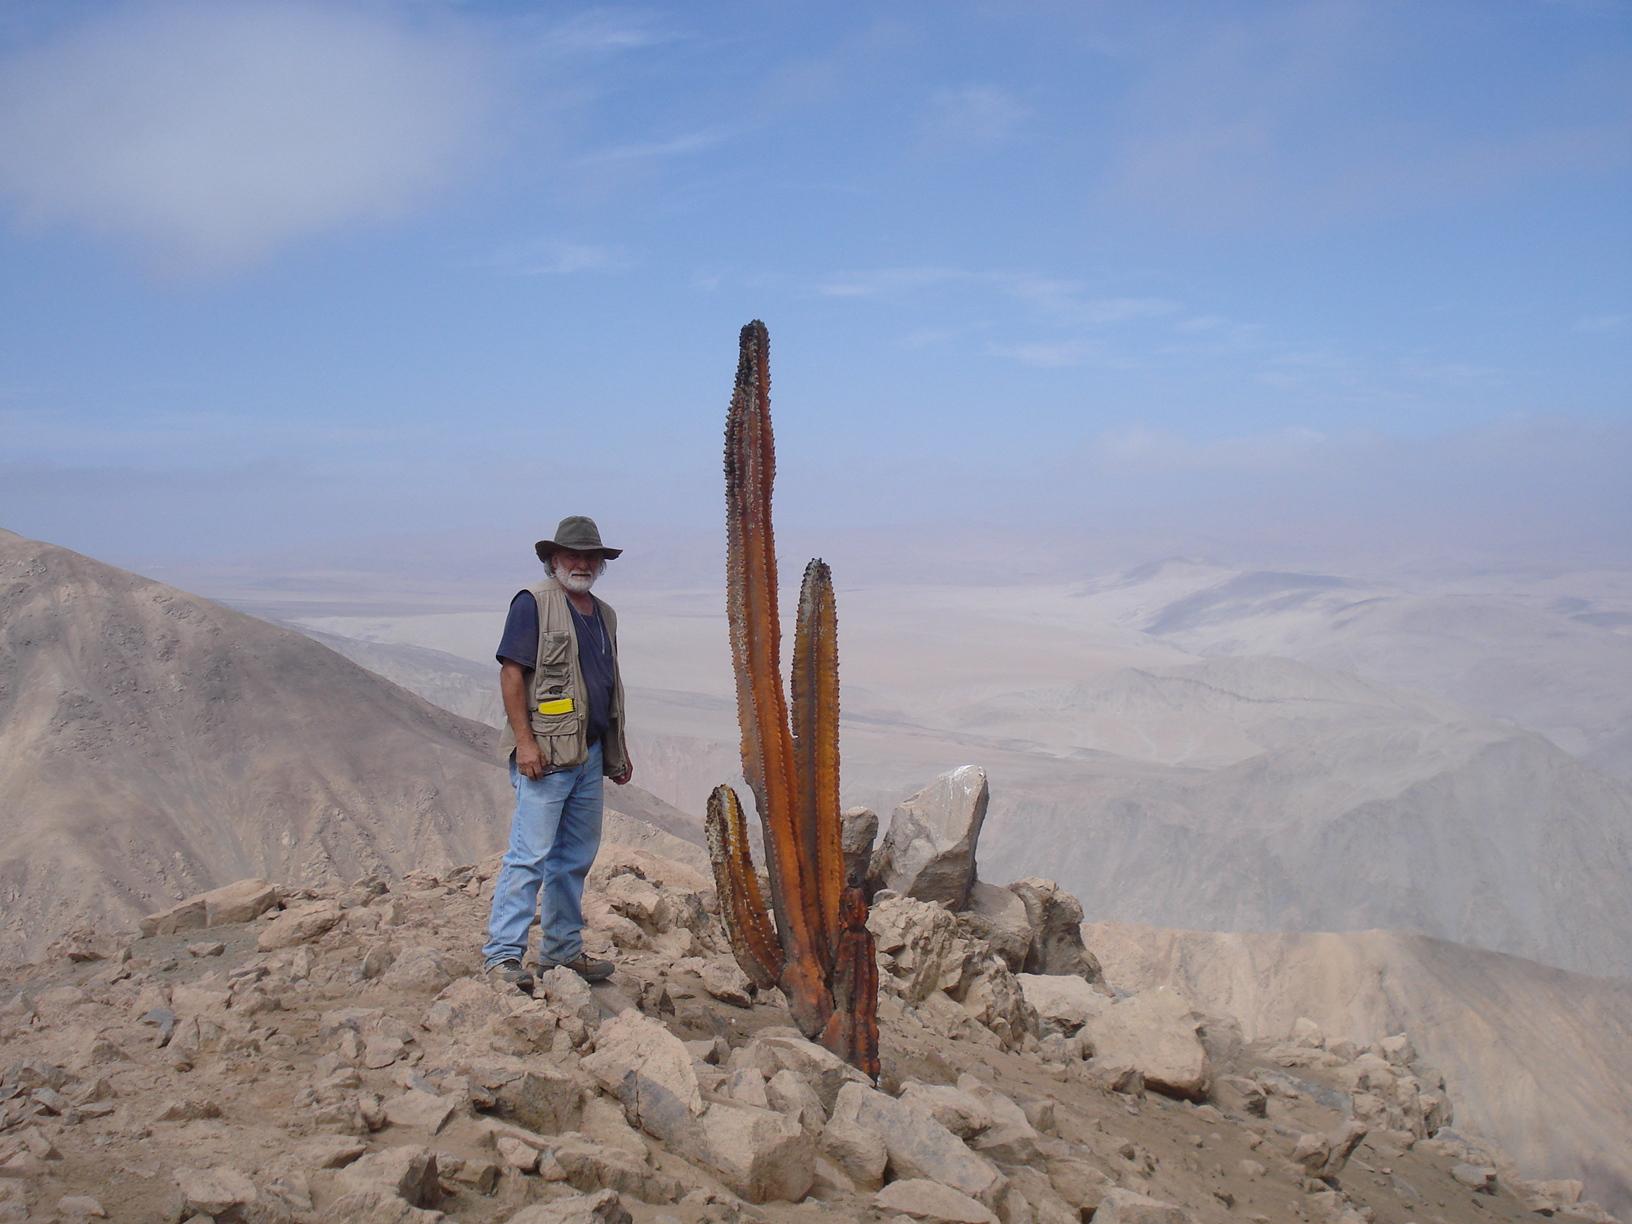 Geología de carreteras - Road geology